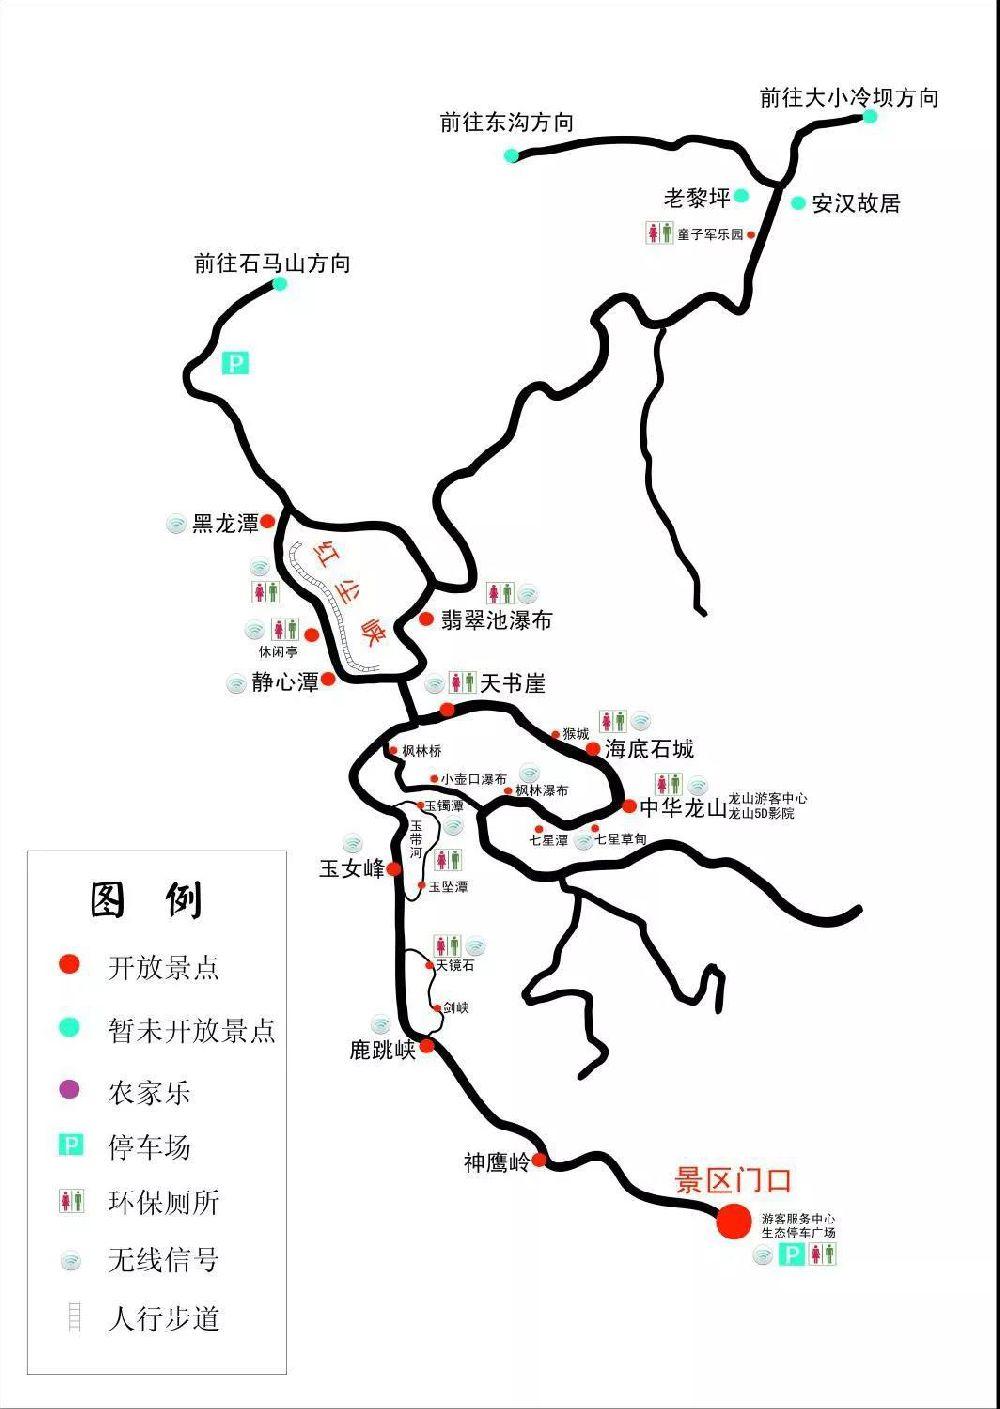 2019陕西汉中五一免费优惠景区